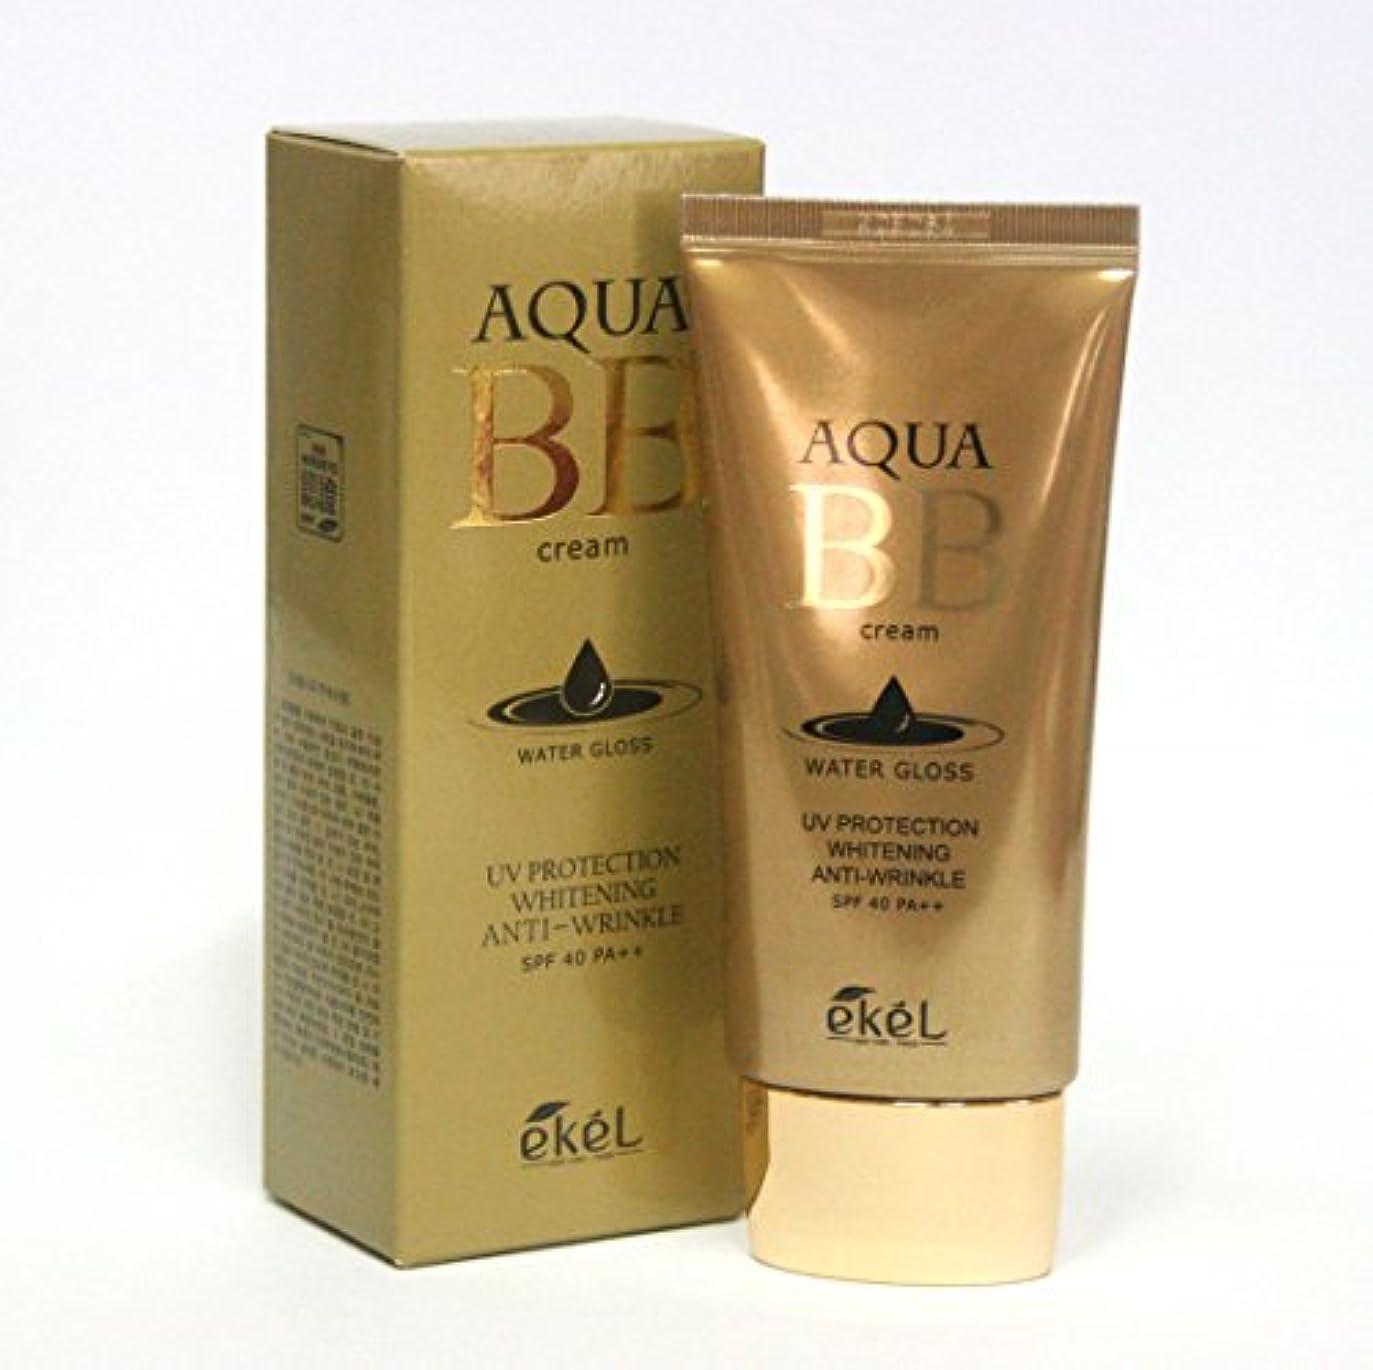 専門化する包帯植物の[Ekel] アクアBBウォーターグロスクリーム50ml / Aqua BB Water Gloss Cream 50ml / ワイトニングアンチリンクルSPF40 PA++ / Whitening Anti-wrinkle...